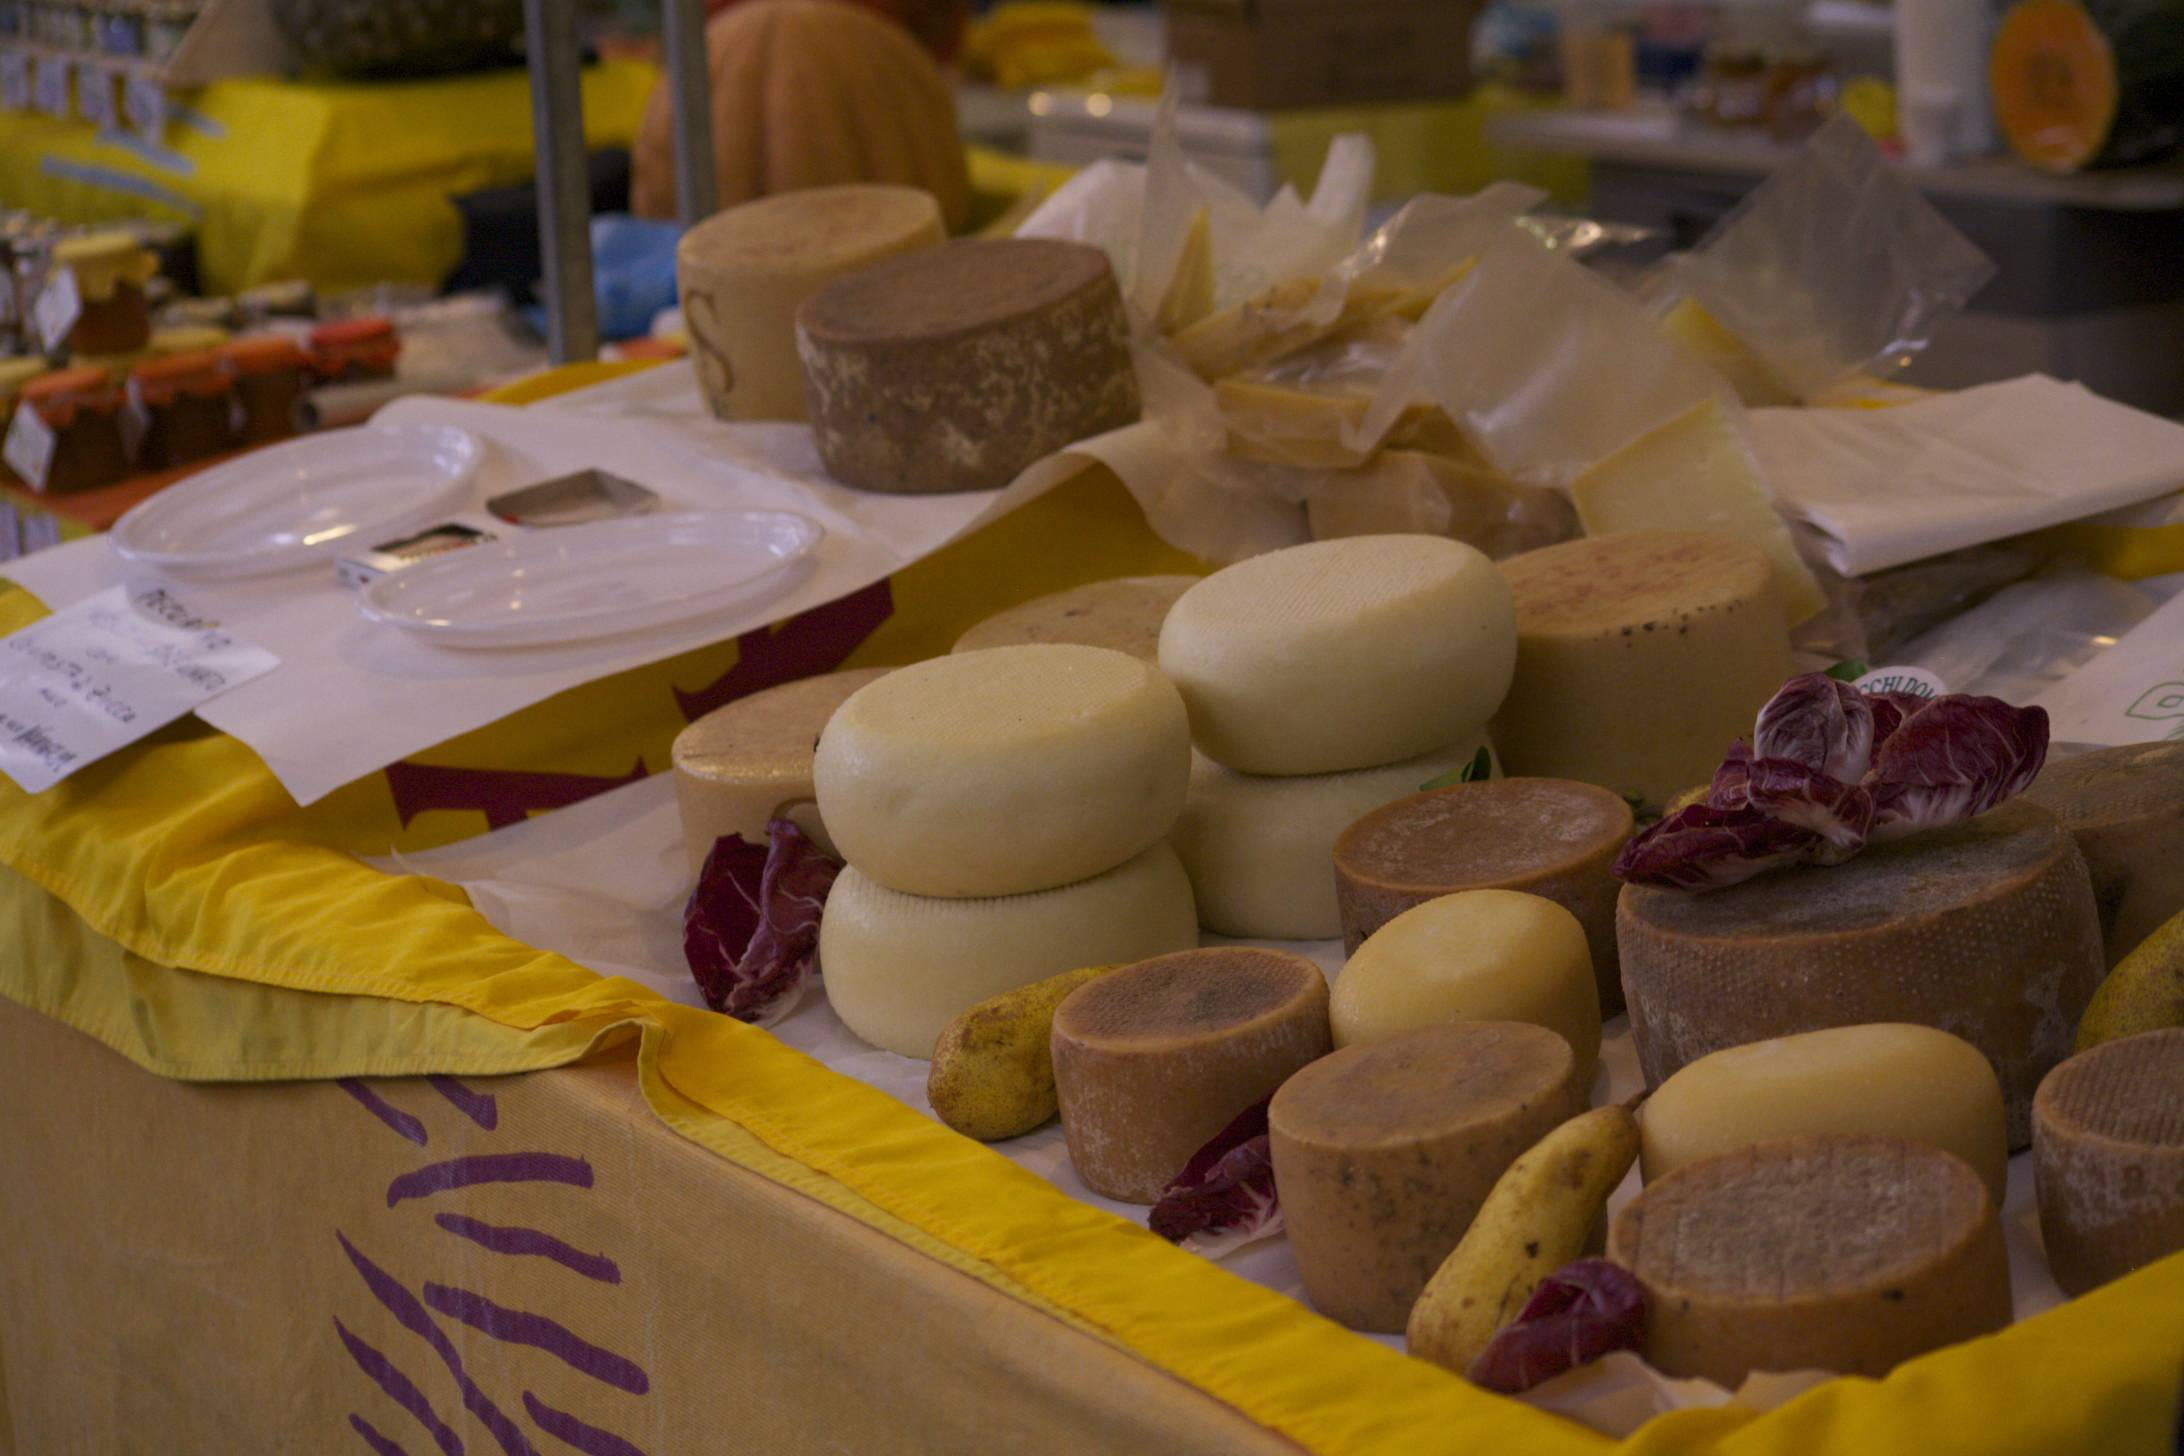 Sample the host's handmade pecorino cheeses.